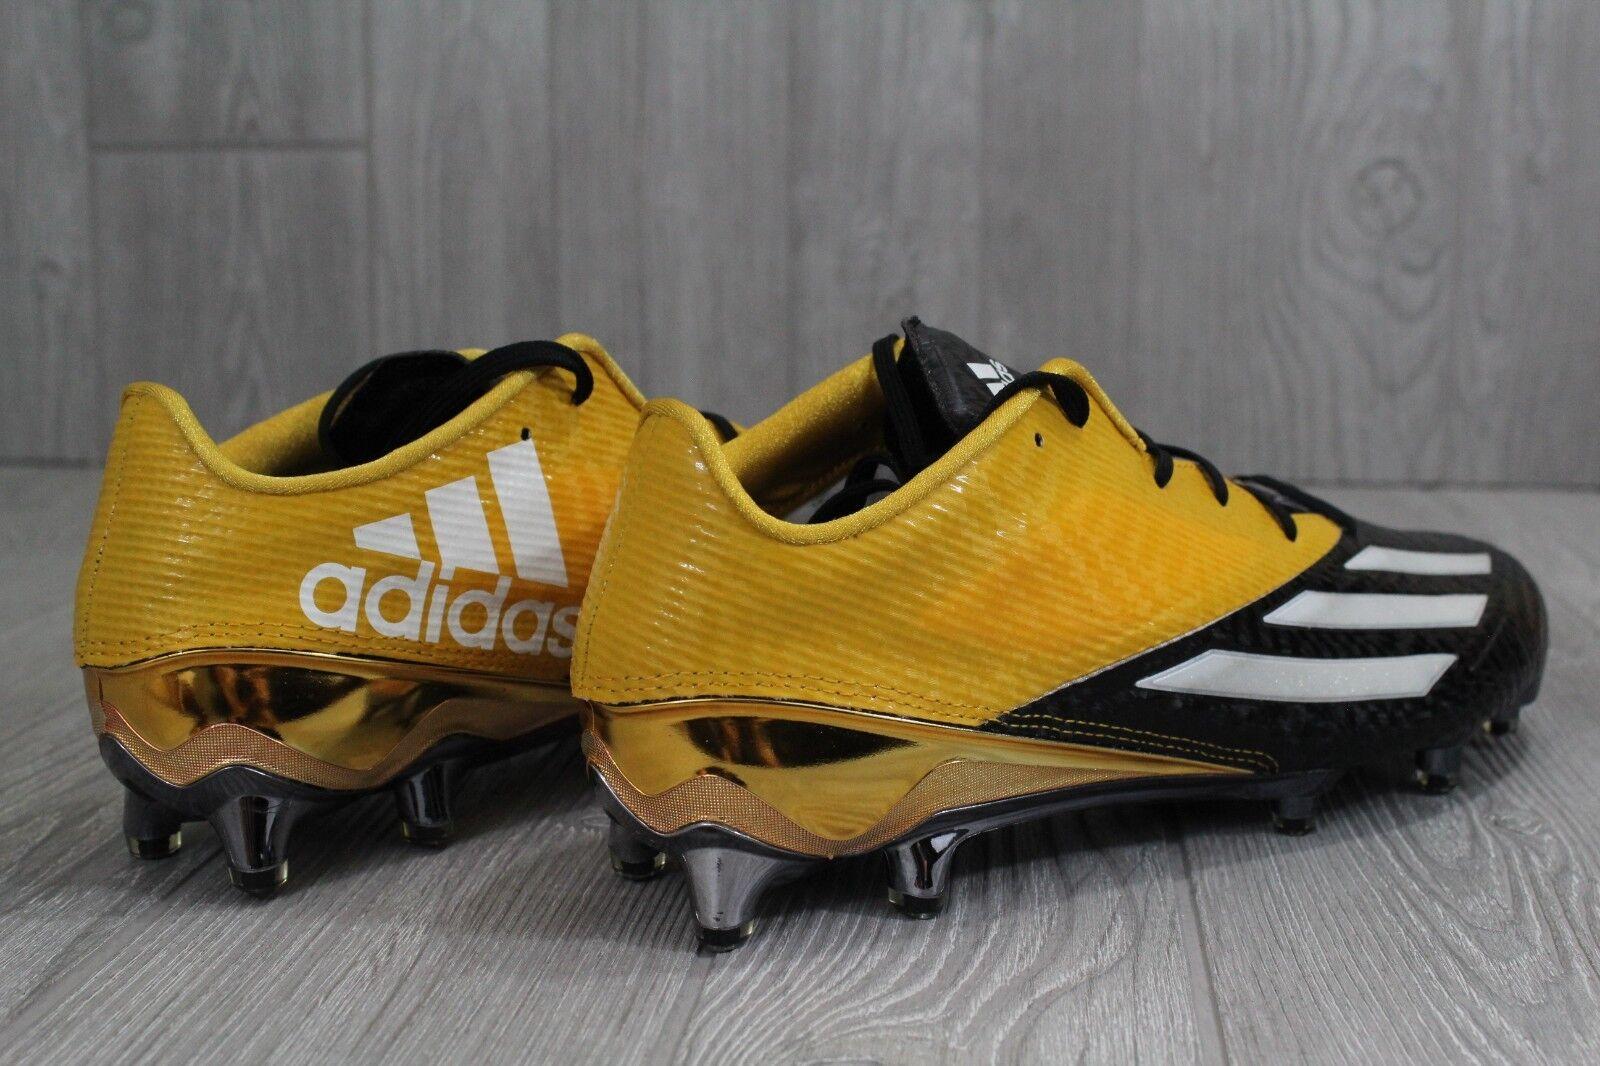 30 nuove adidas adizero star calcio 5,0 calcio star calcio nera e gialla uomini aq7173 11 12,5 bf09ce